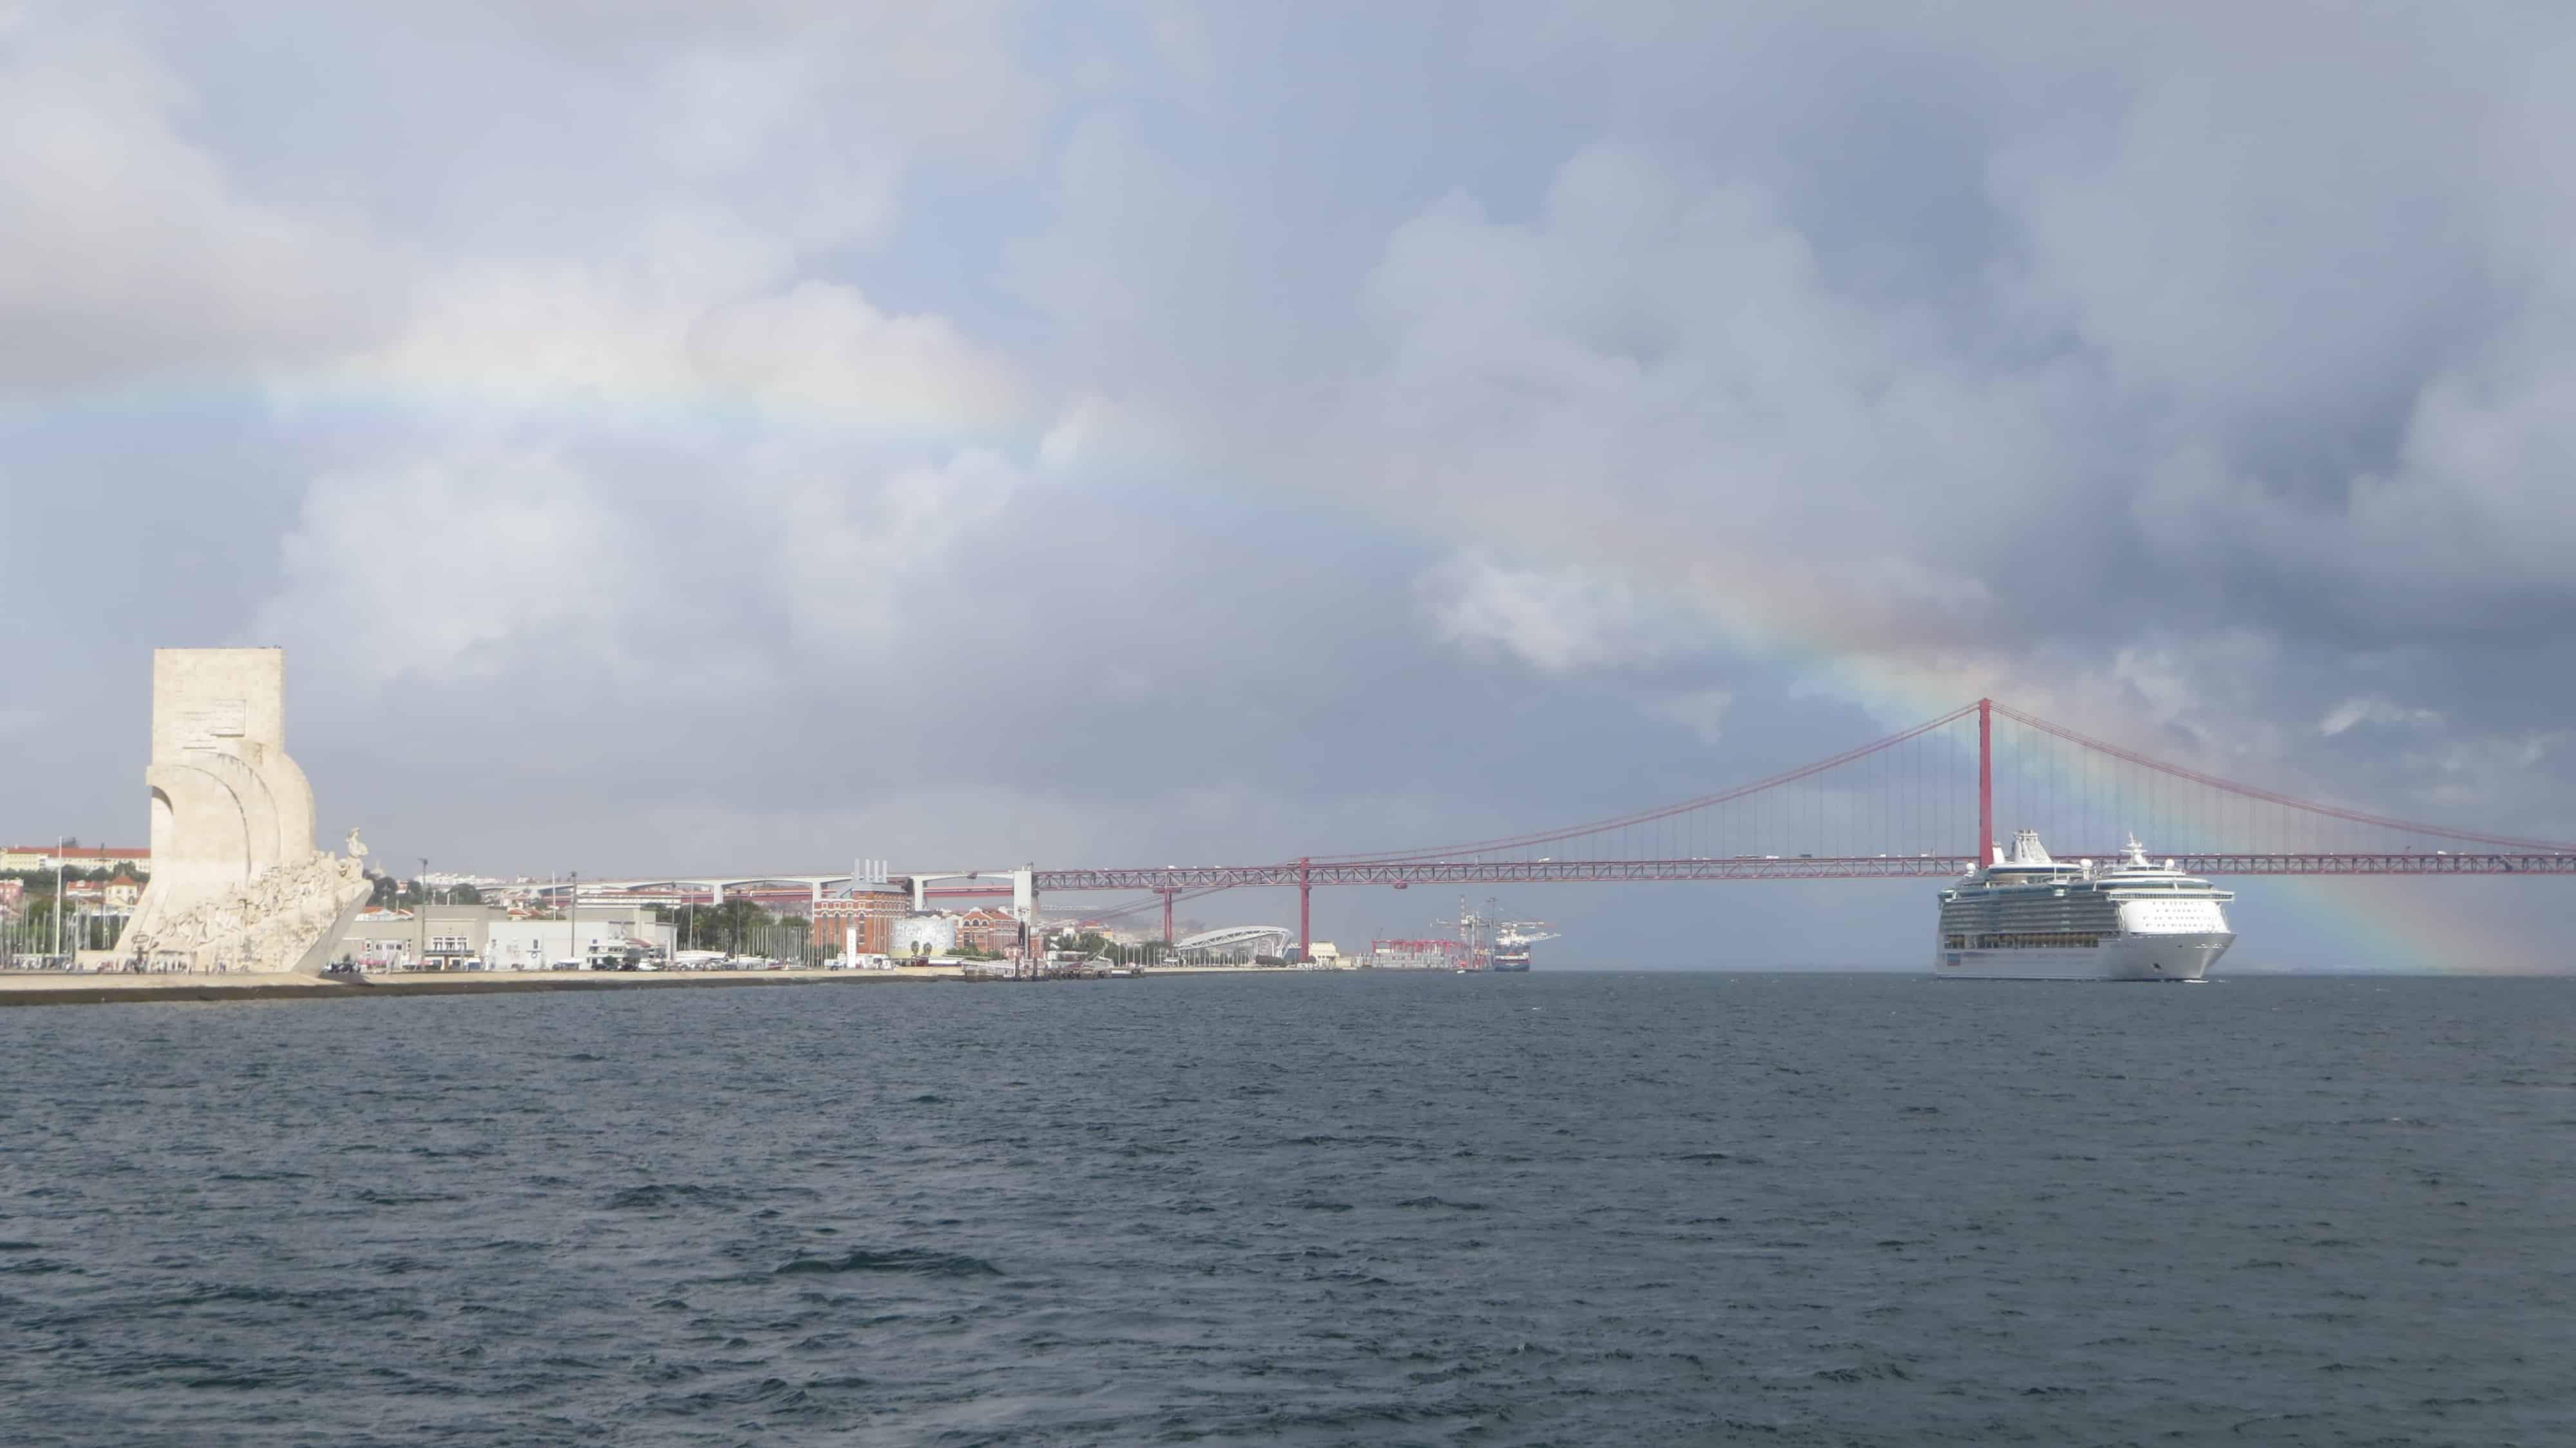 00_Royal-Caribbean-Kreuzfahrtschiff-Independence-of-the-Seas-beim-Auslaufen-Lissabon-Portugal-mit-Rainbow